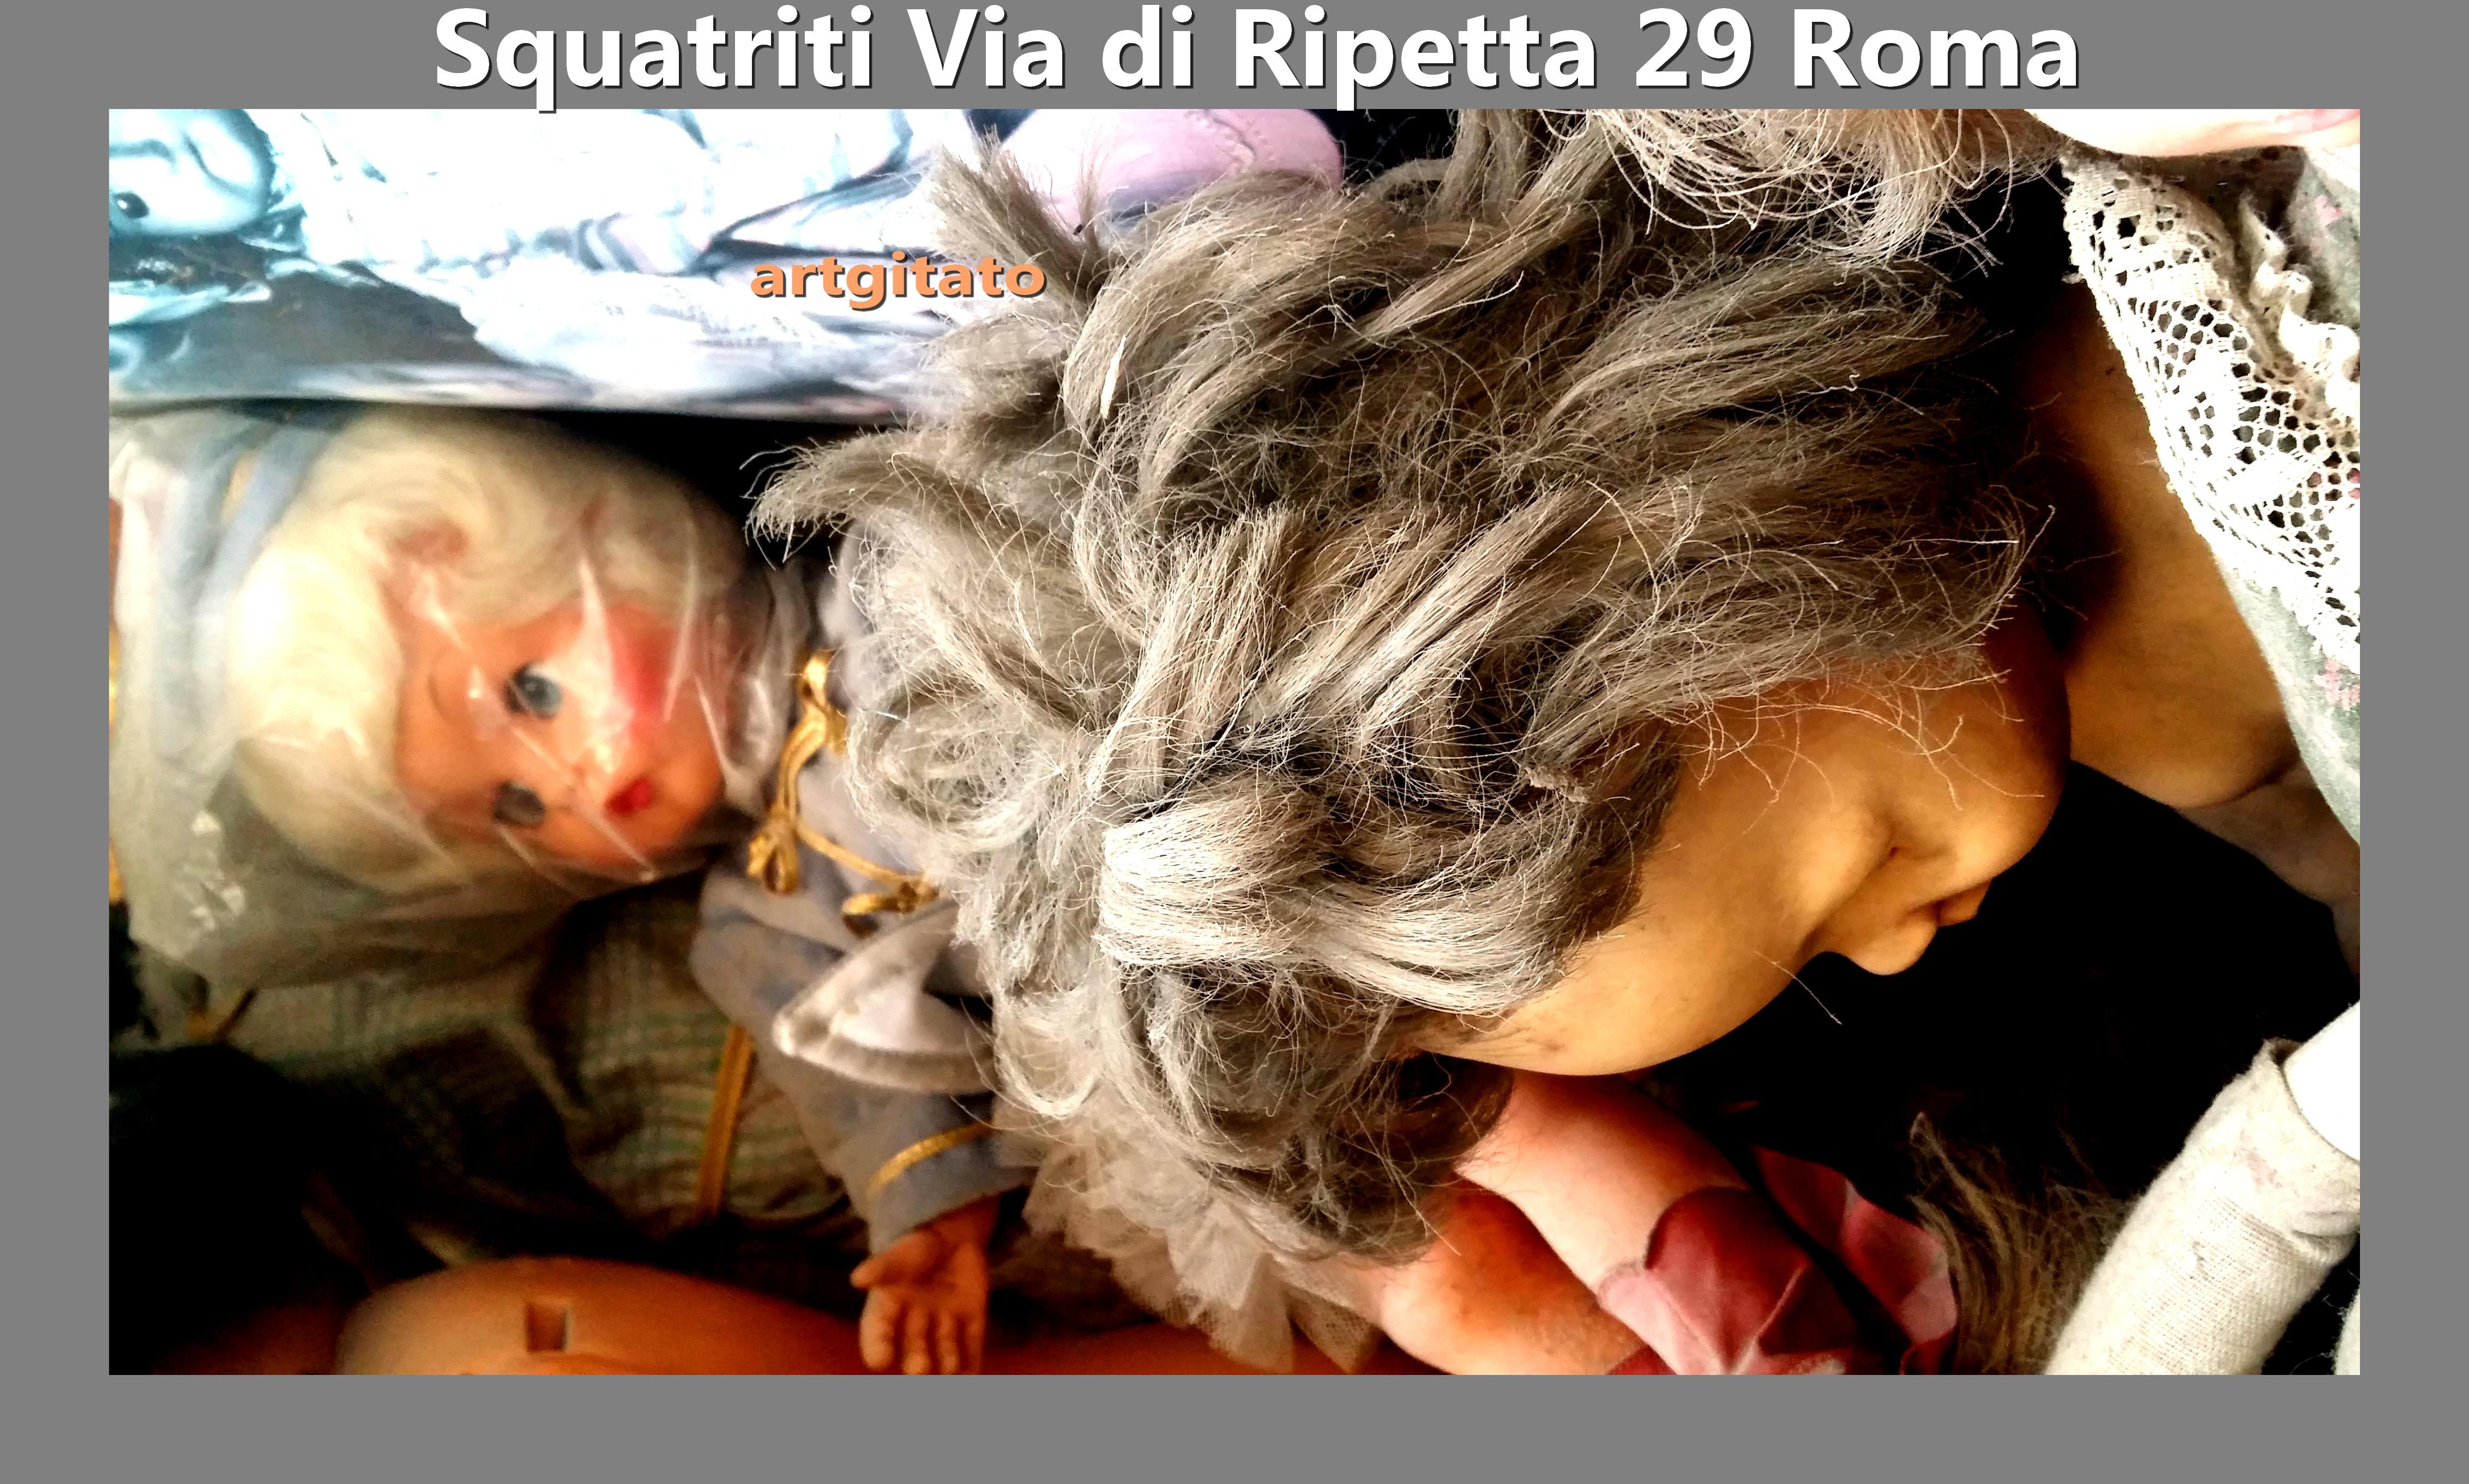 Via di Ripetta Squatriti Restaurateur de Poupée artgitato 6